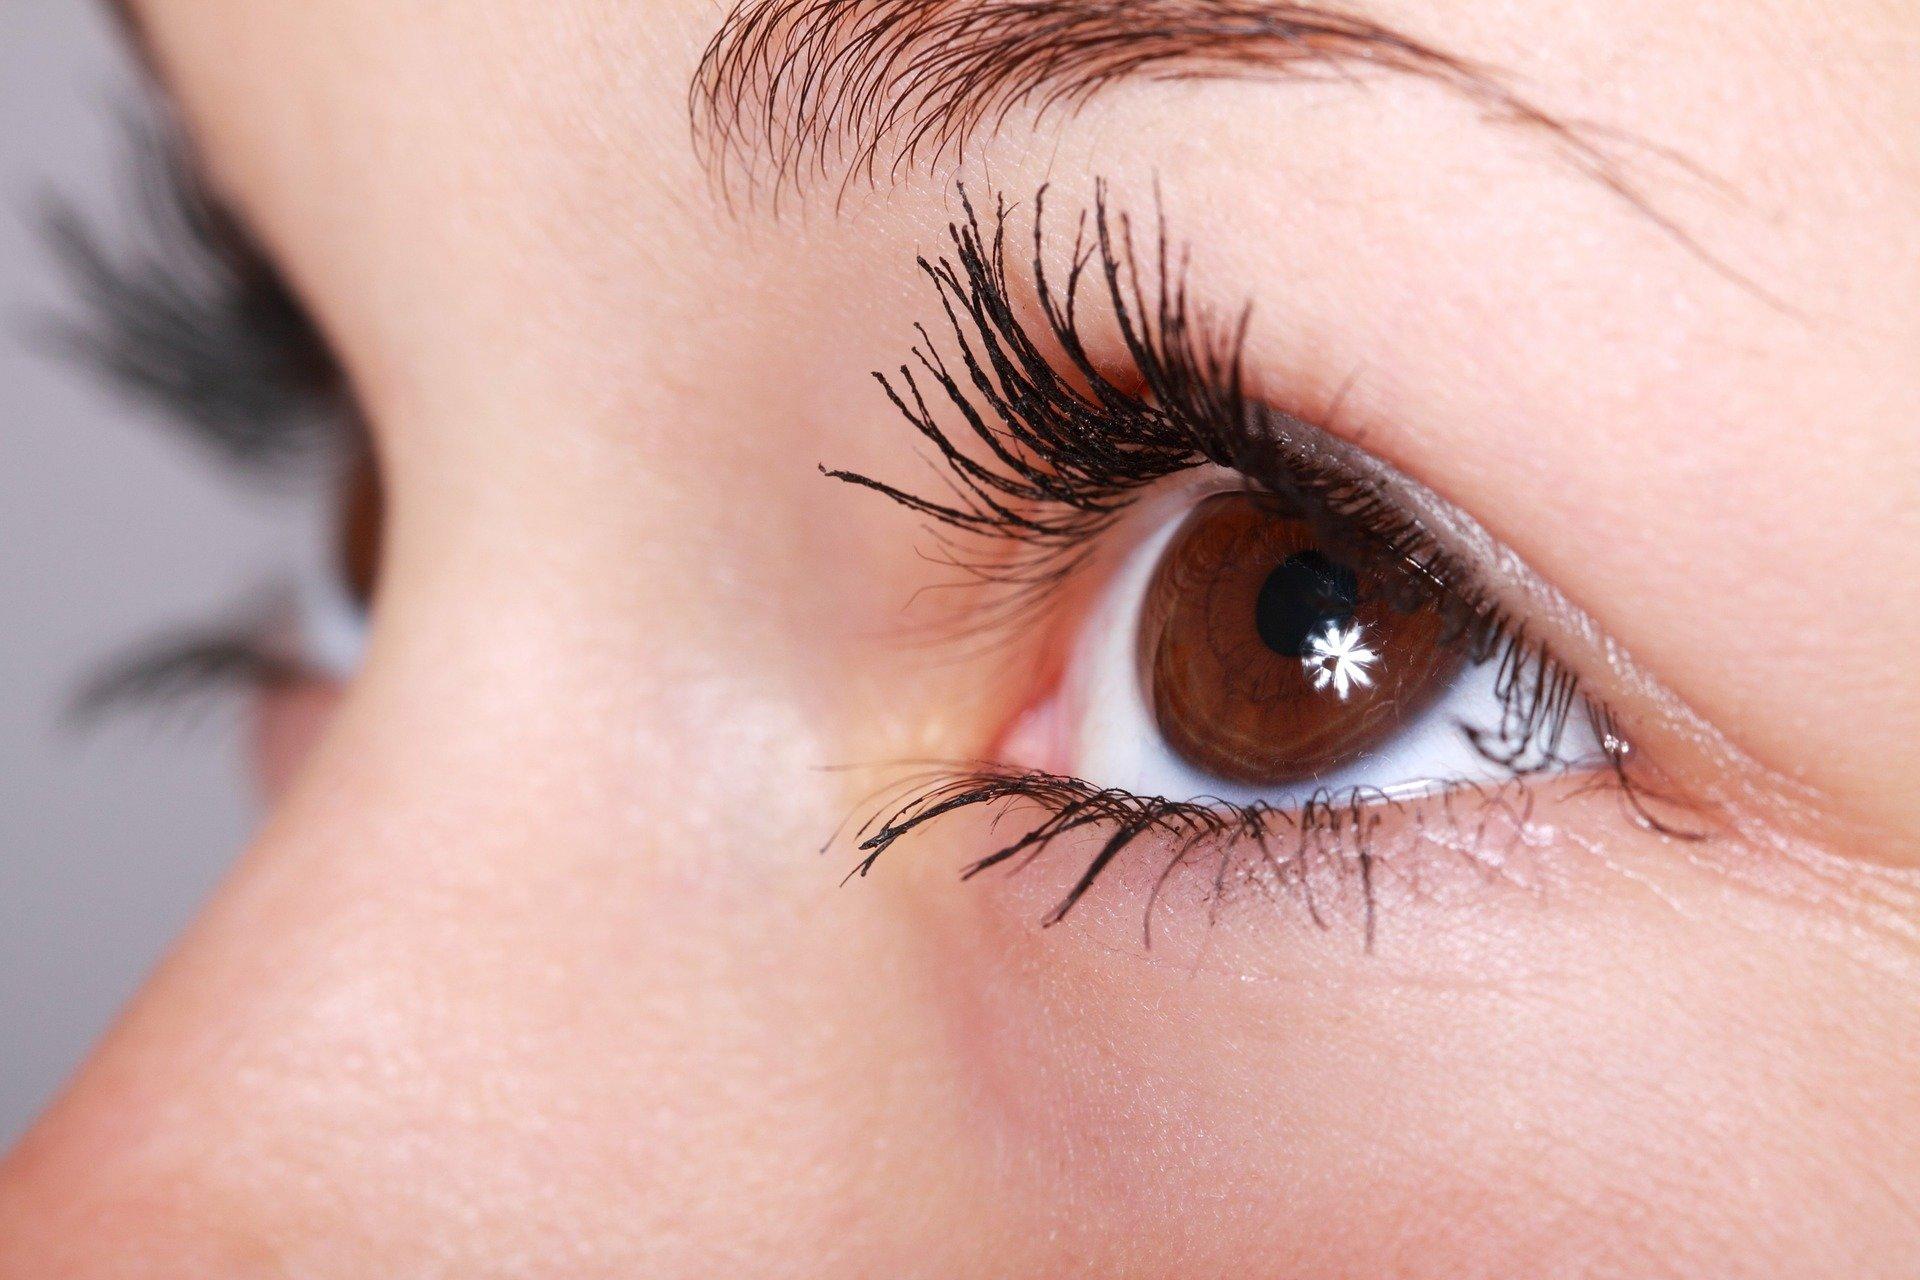 Vision-Wissenschaftler veröffentlichen Ergebnisse der lipid-Auswirkungen in den Mechanismus des trockenen Auges Krankheit